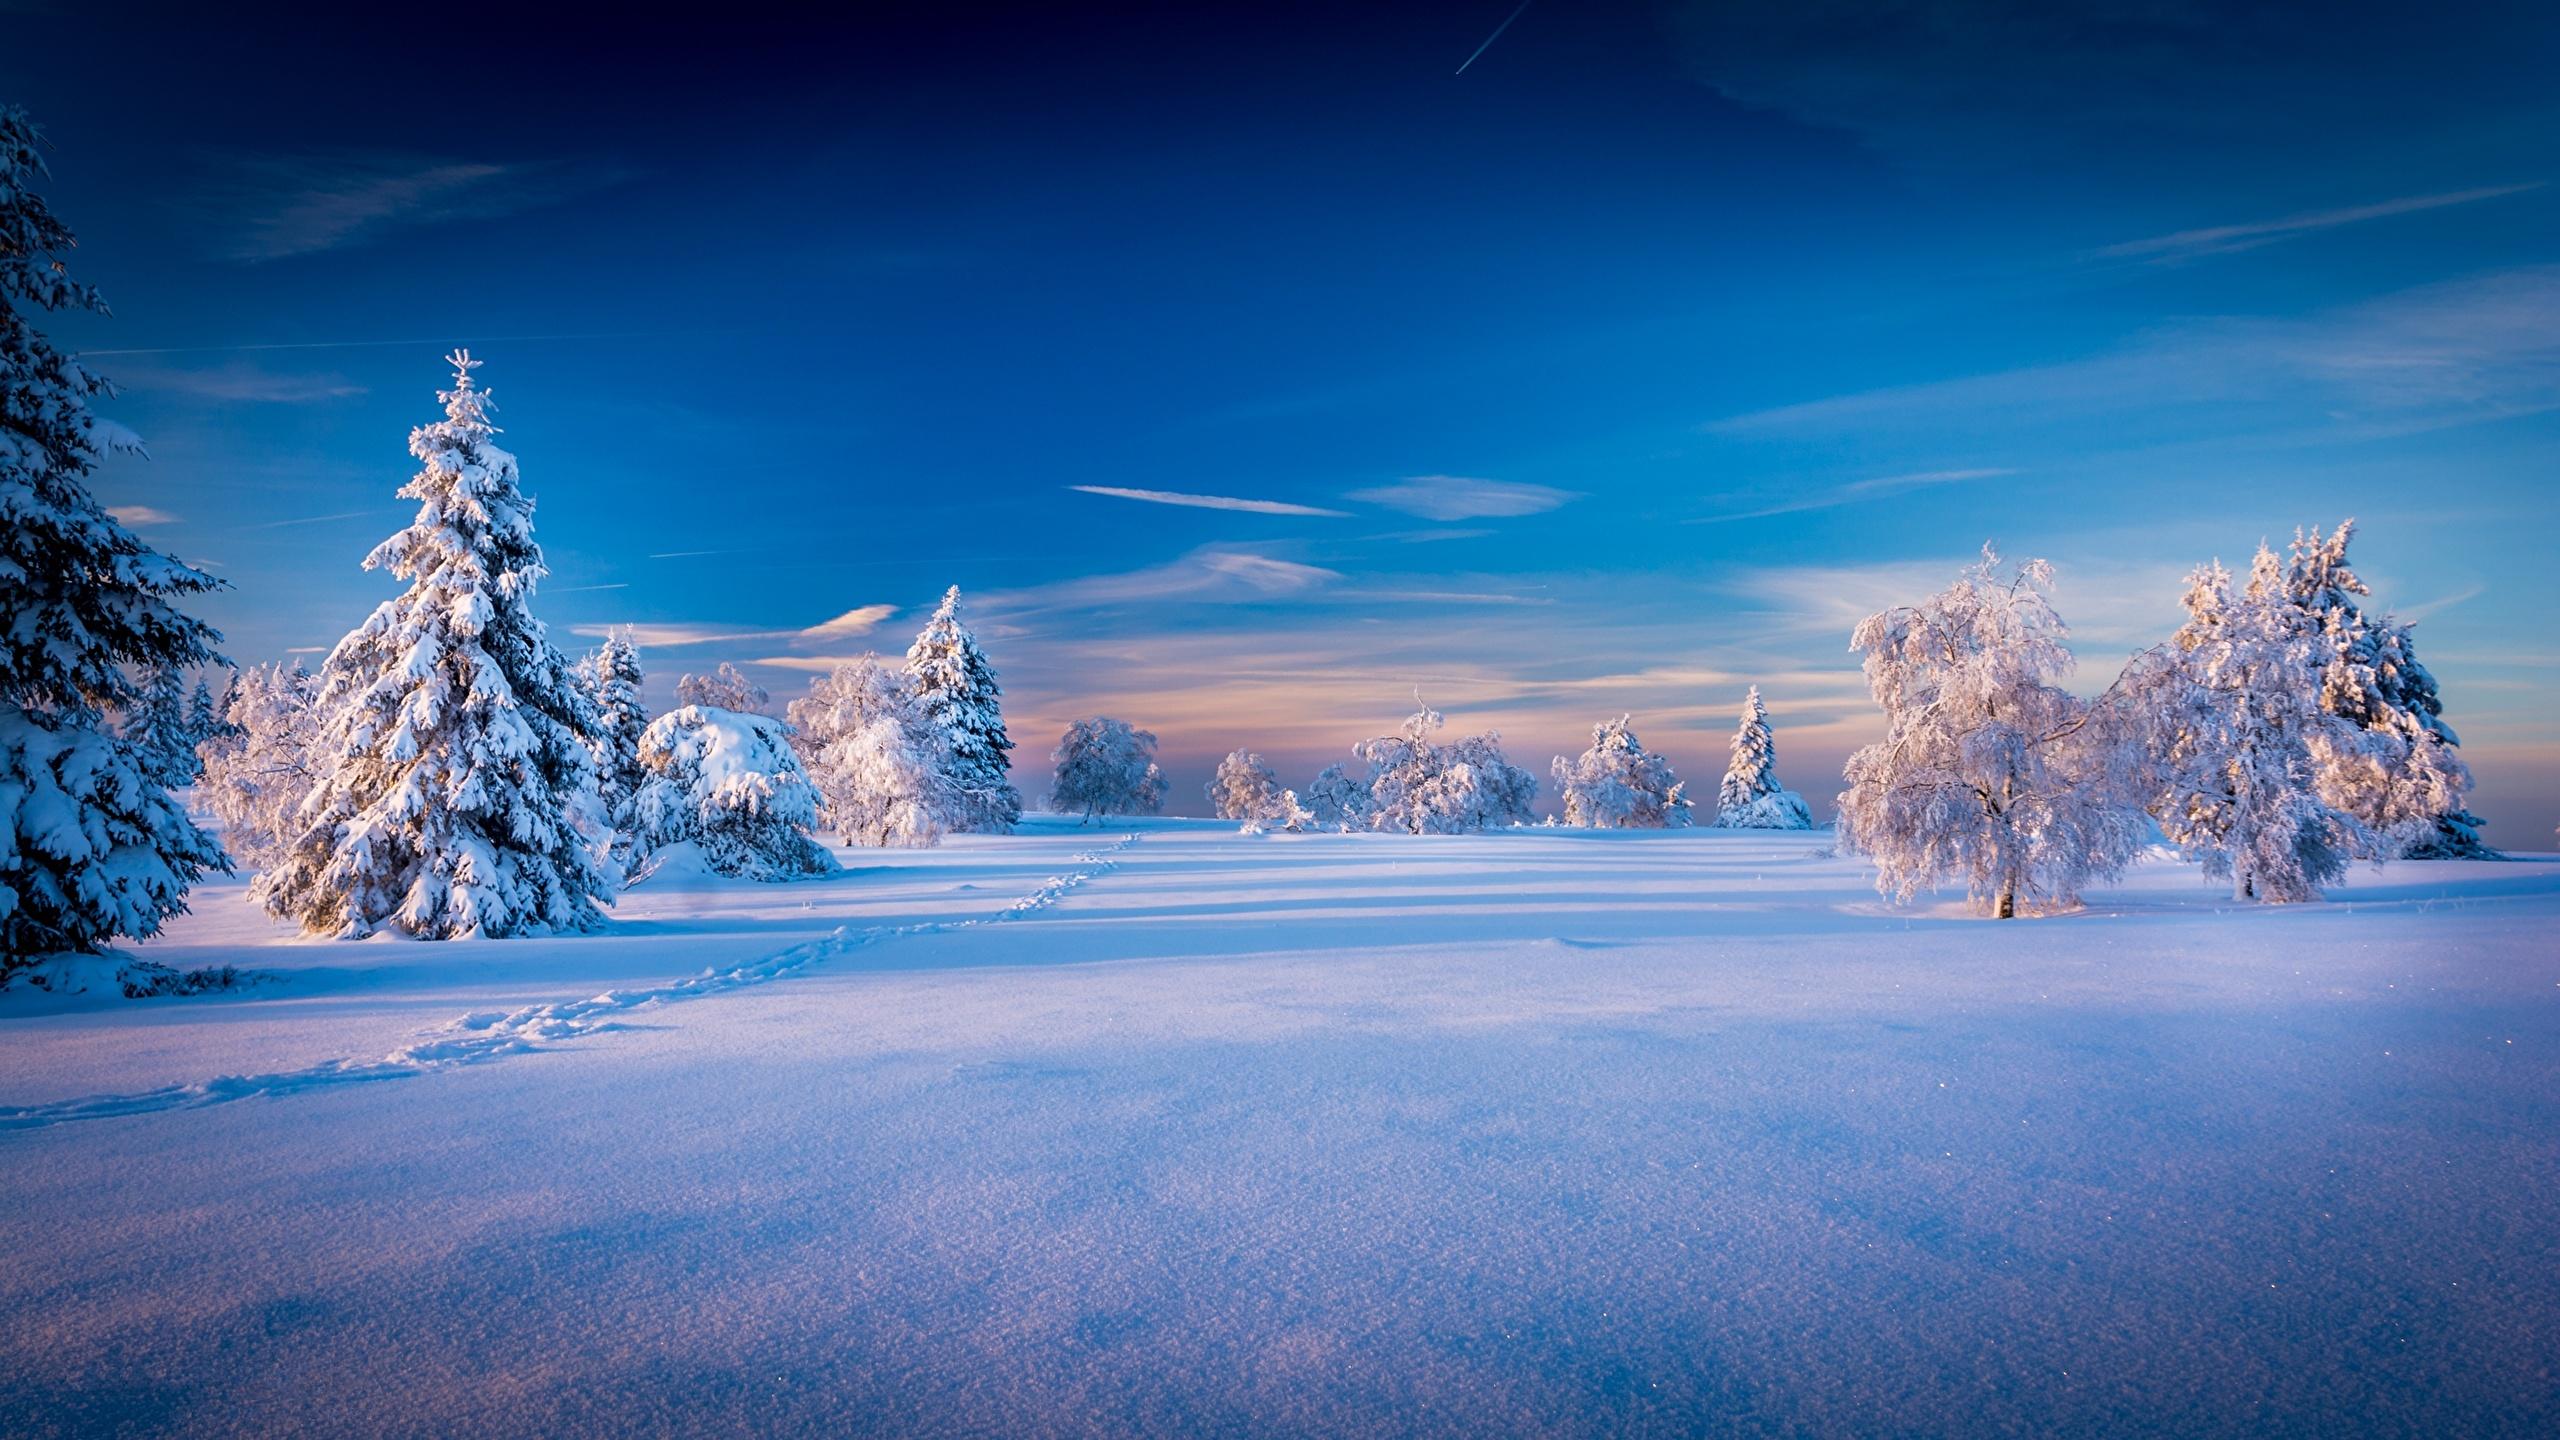 природа деревья ели зима снег небо  № 2803241 без смс